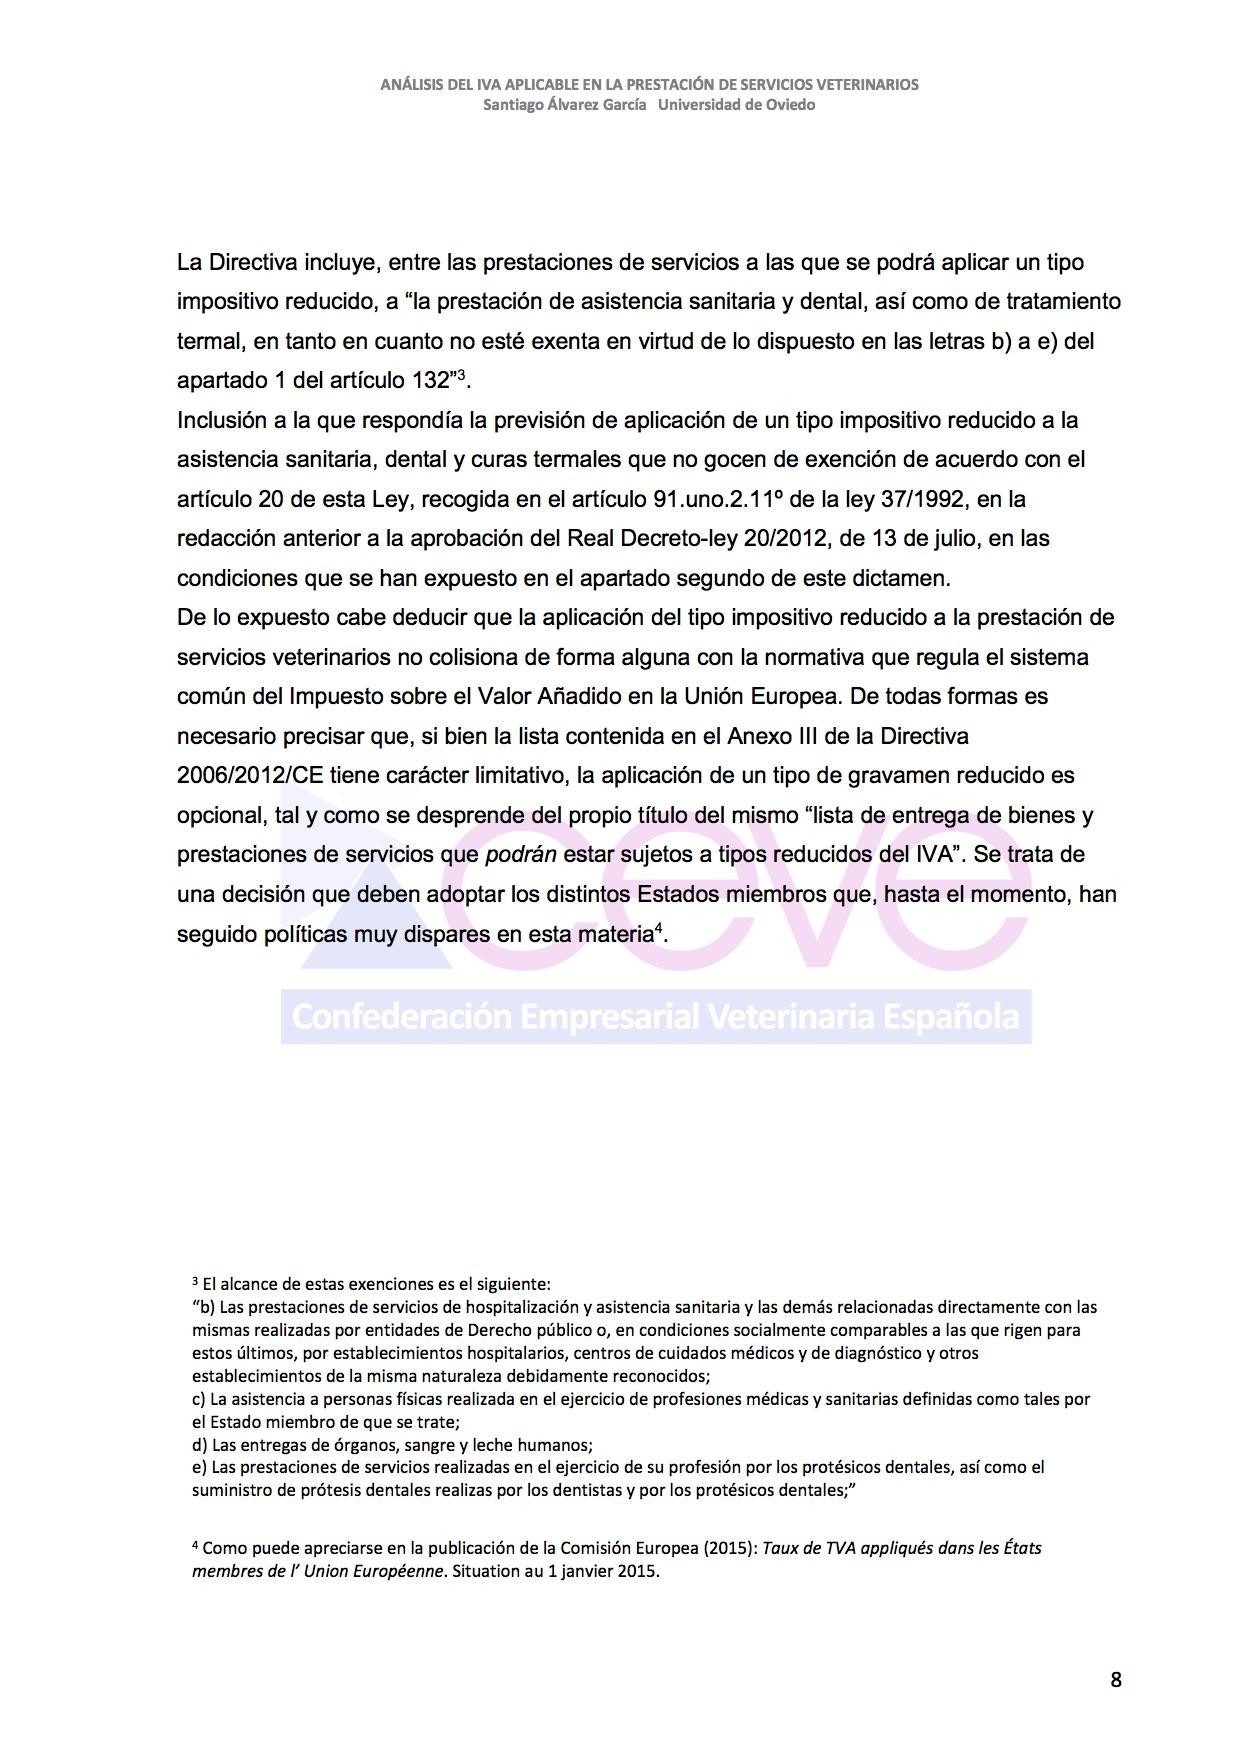 INFOME JURIDICO SOBRE EL IVA9 VETERINARIO DESBLOQUEADO